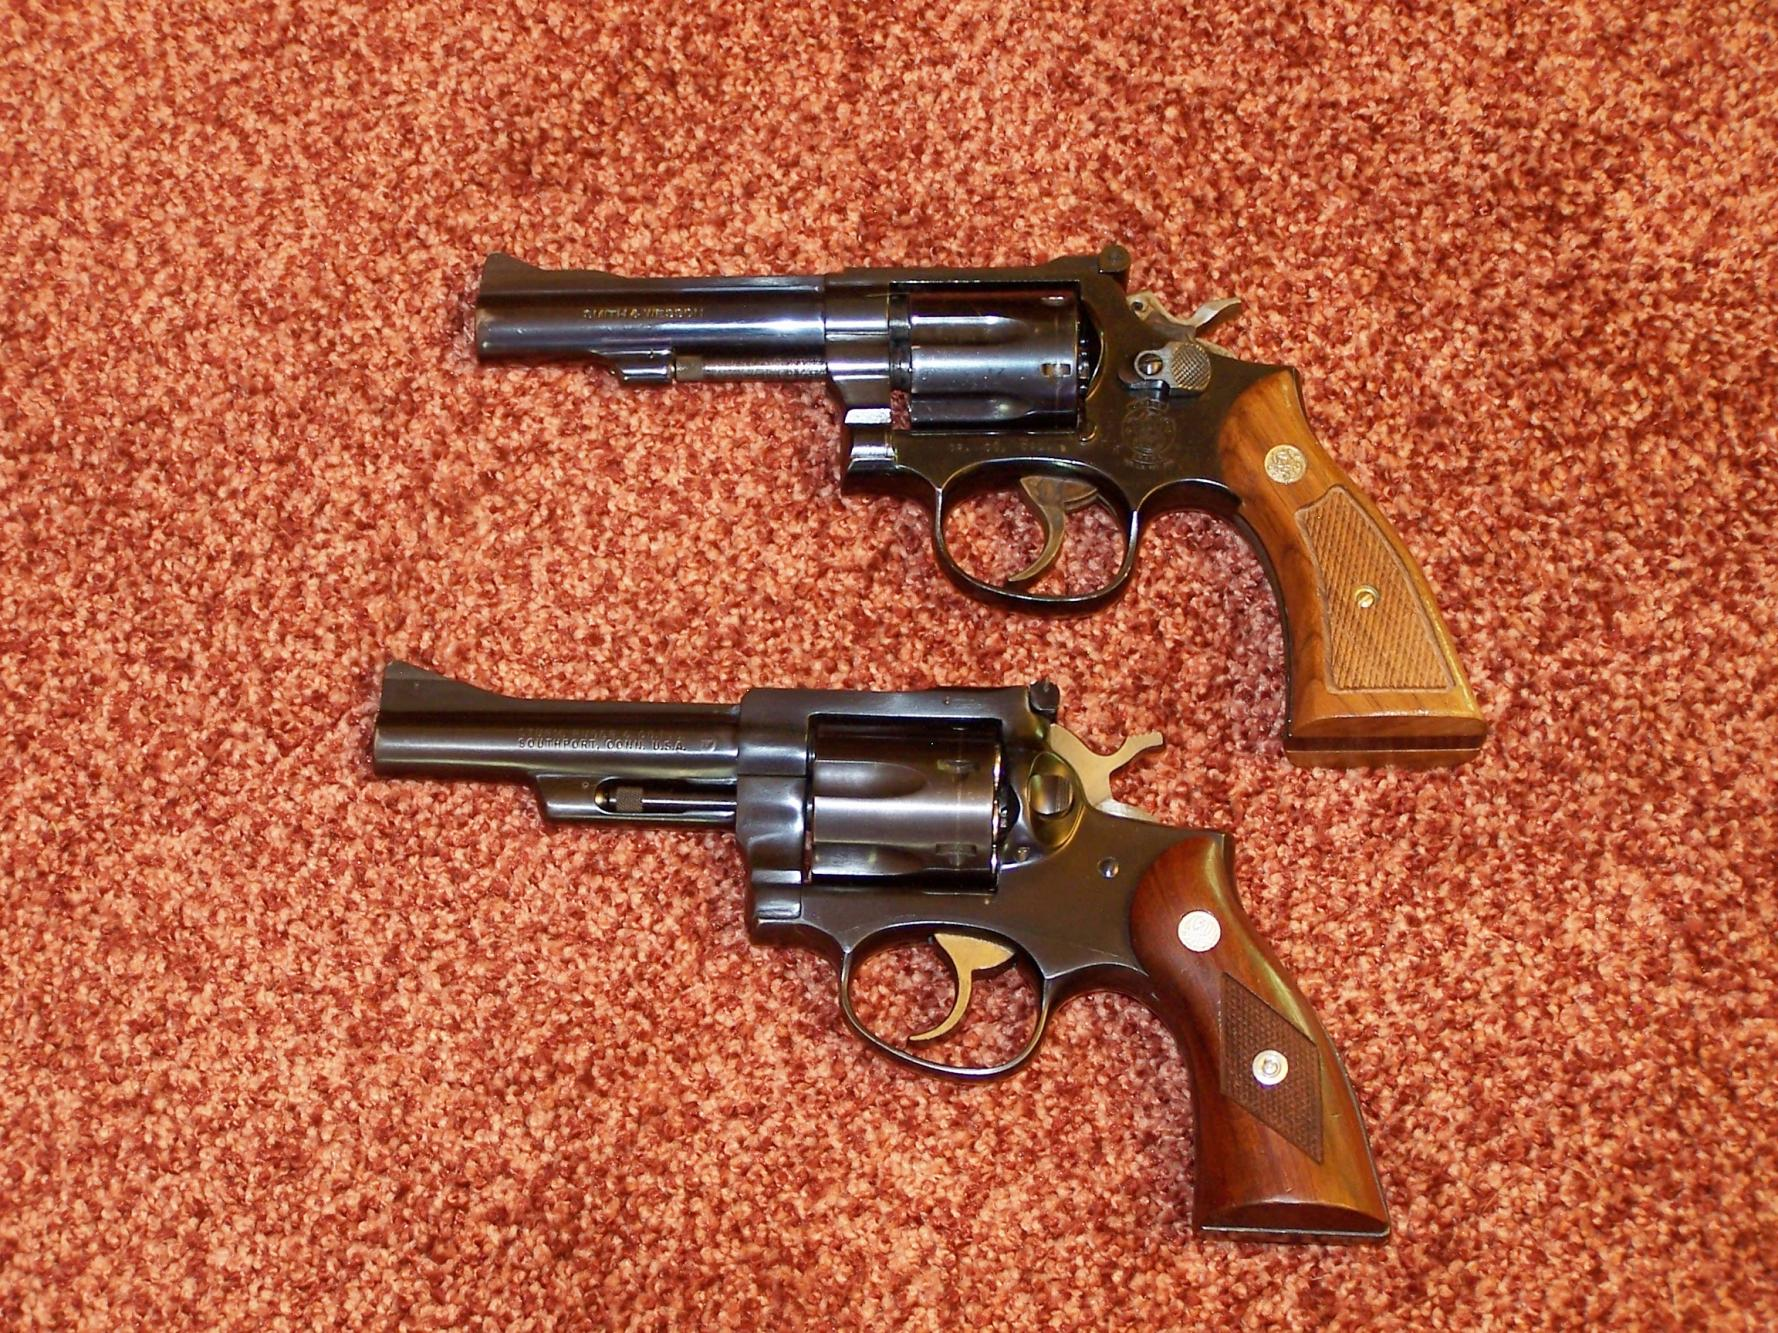 DA Revolvers as field and hiking guns-001.jpg